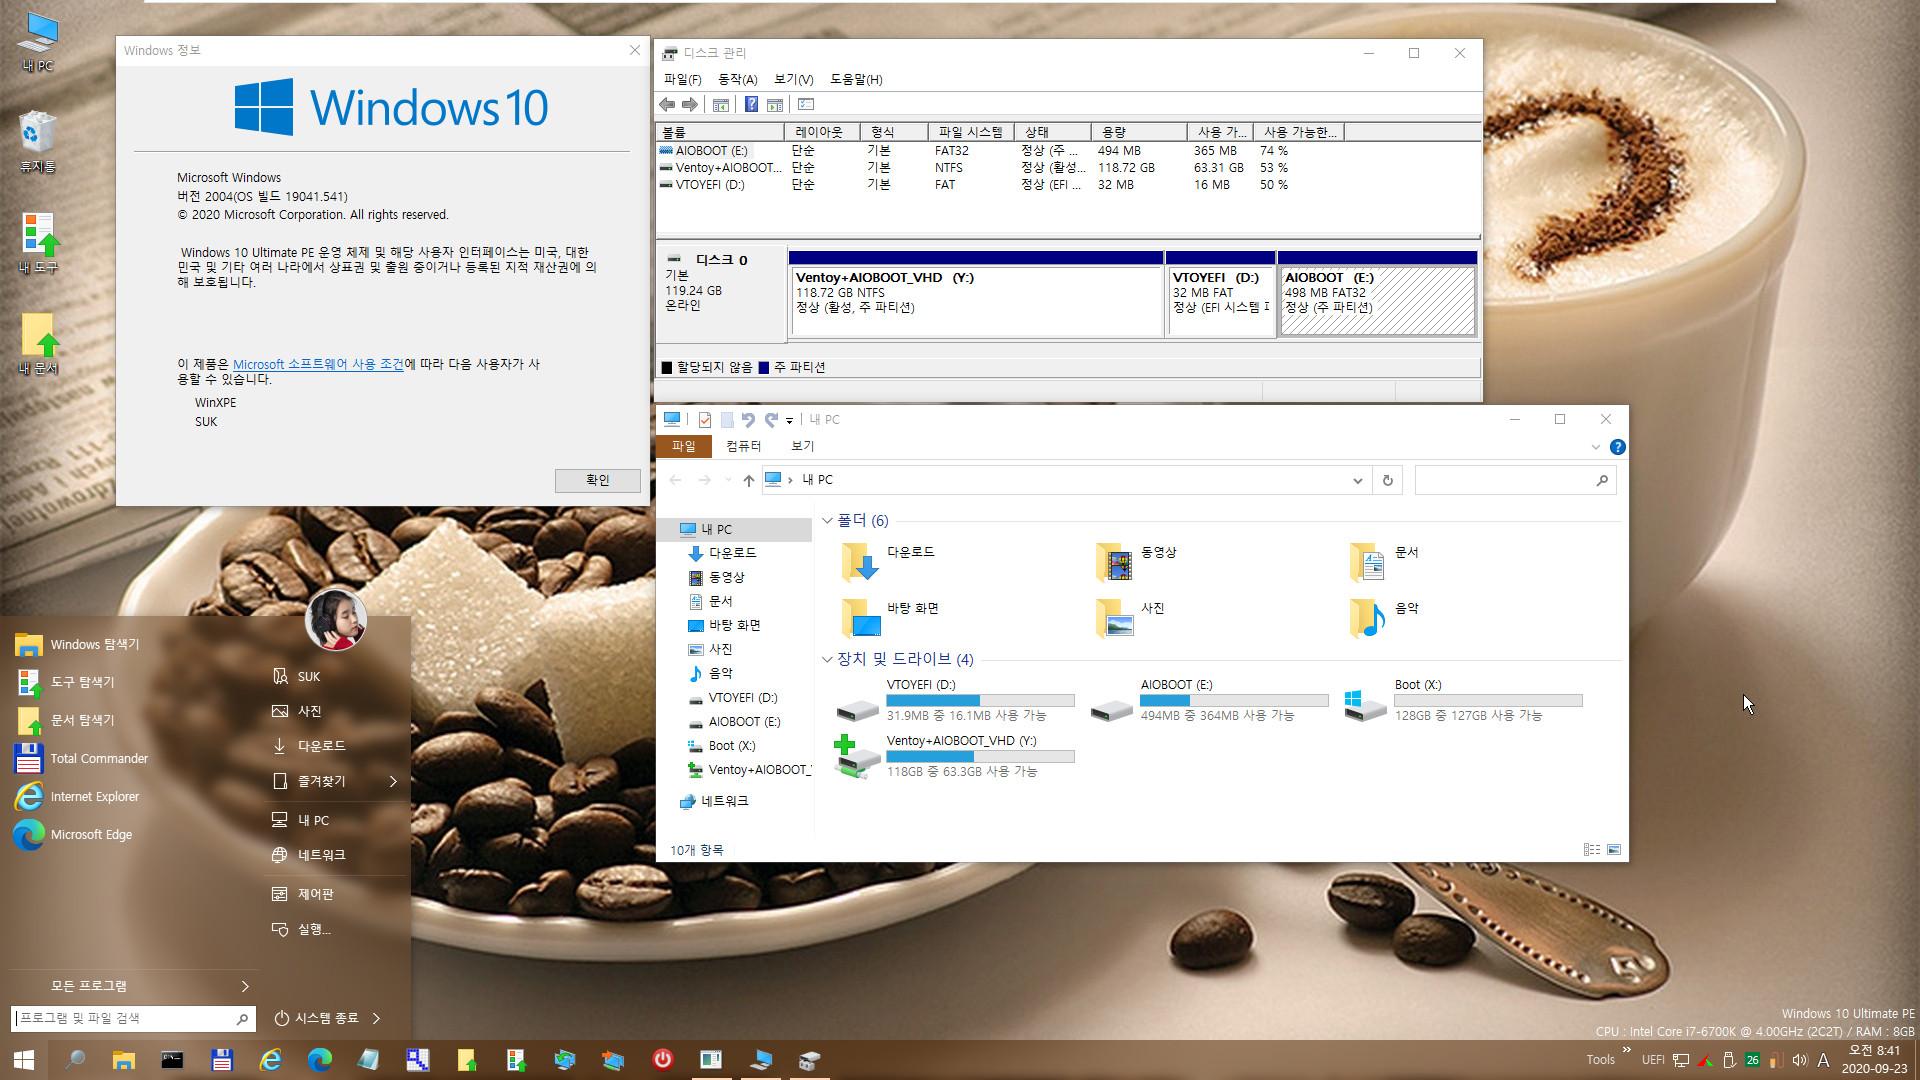 2020-09-23 업데이트 통합 PRO x64 2개 - Windows 10 버전 2004 + 버전 20H2 누적 업데이트 KB4577063 (OS 빌드 19041.541 + 19042.541) - PE 만들기 테스트 - Ventoy로 ISO로 PE 부팅 2020-09-23_084131.jpg